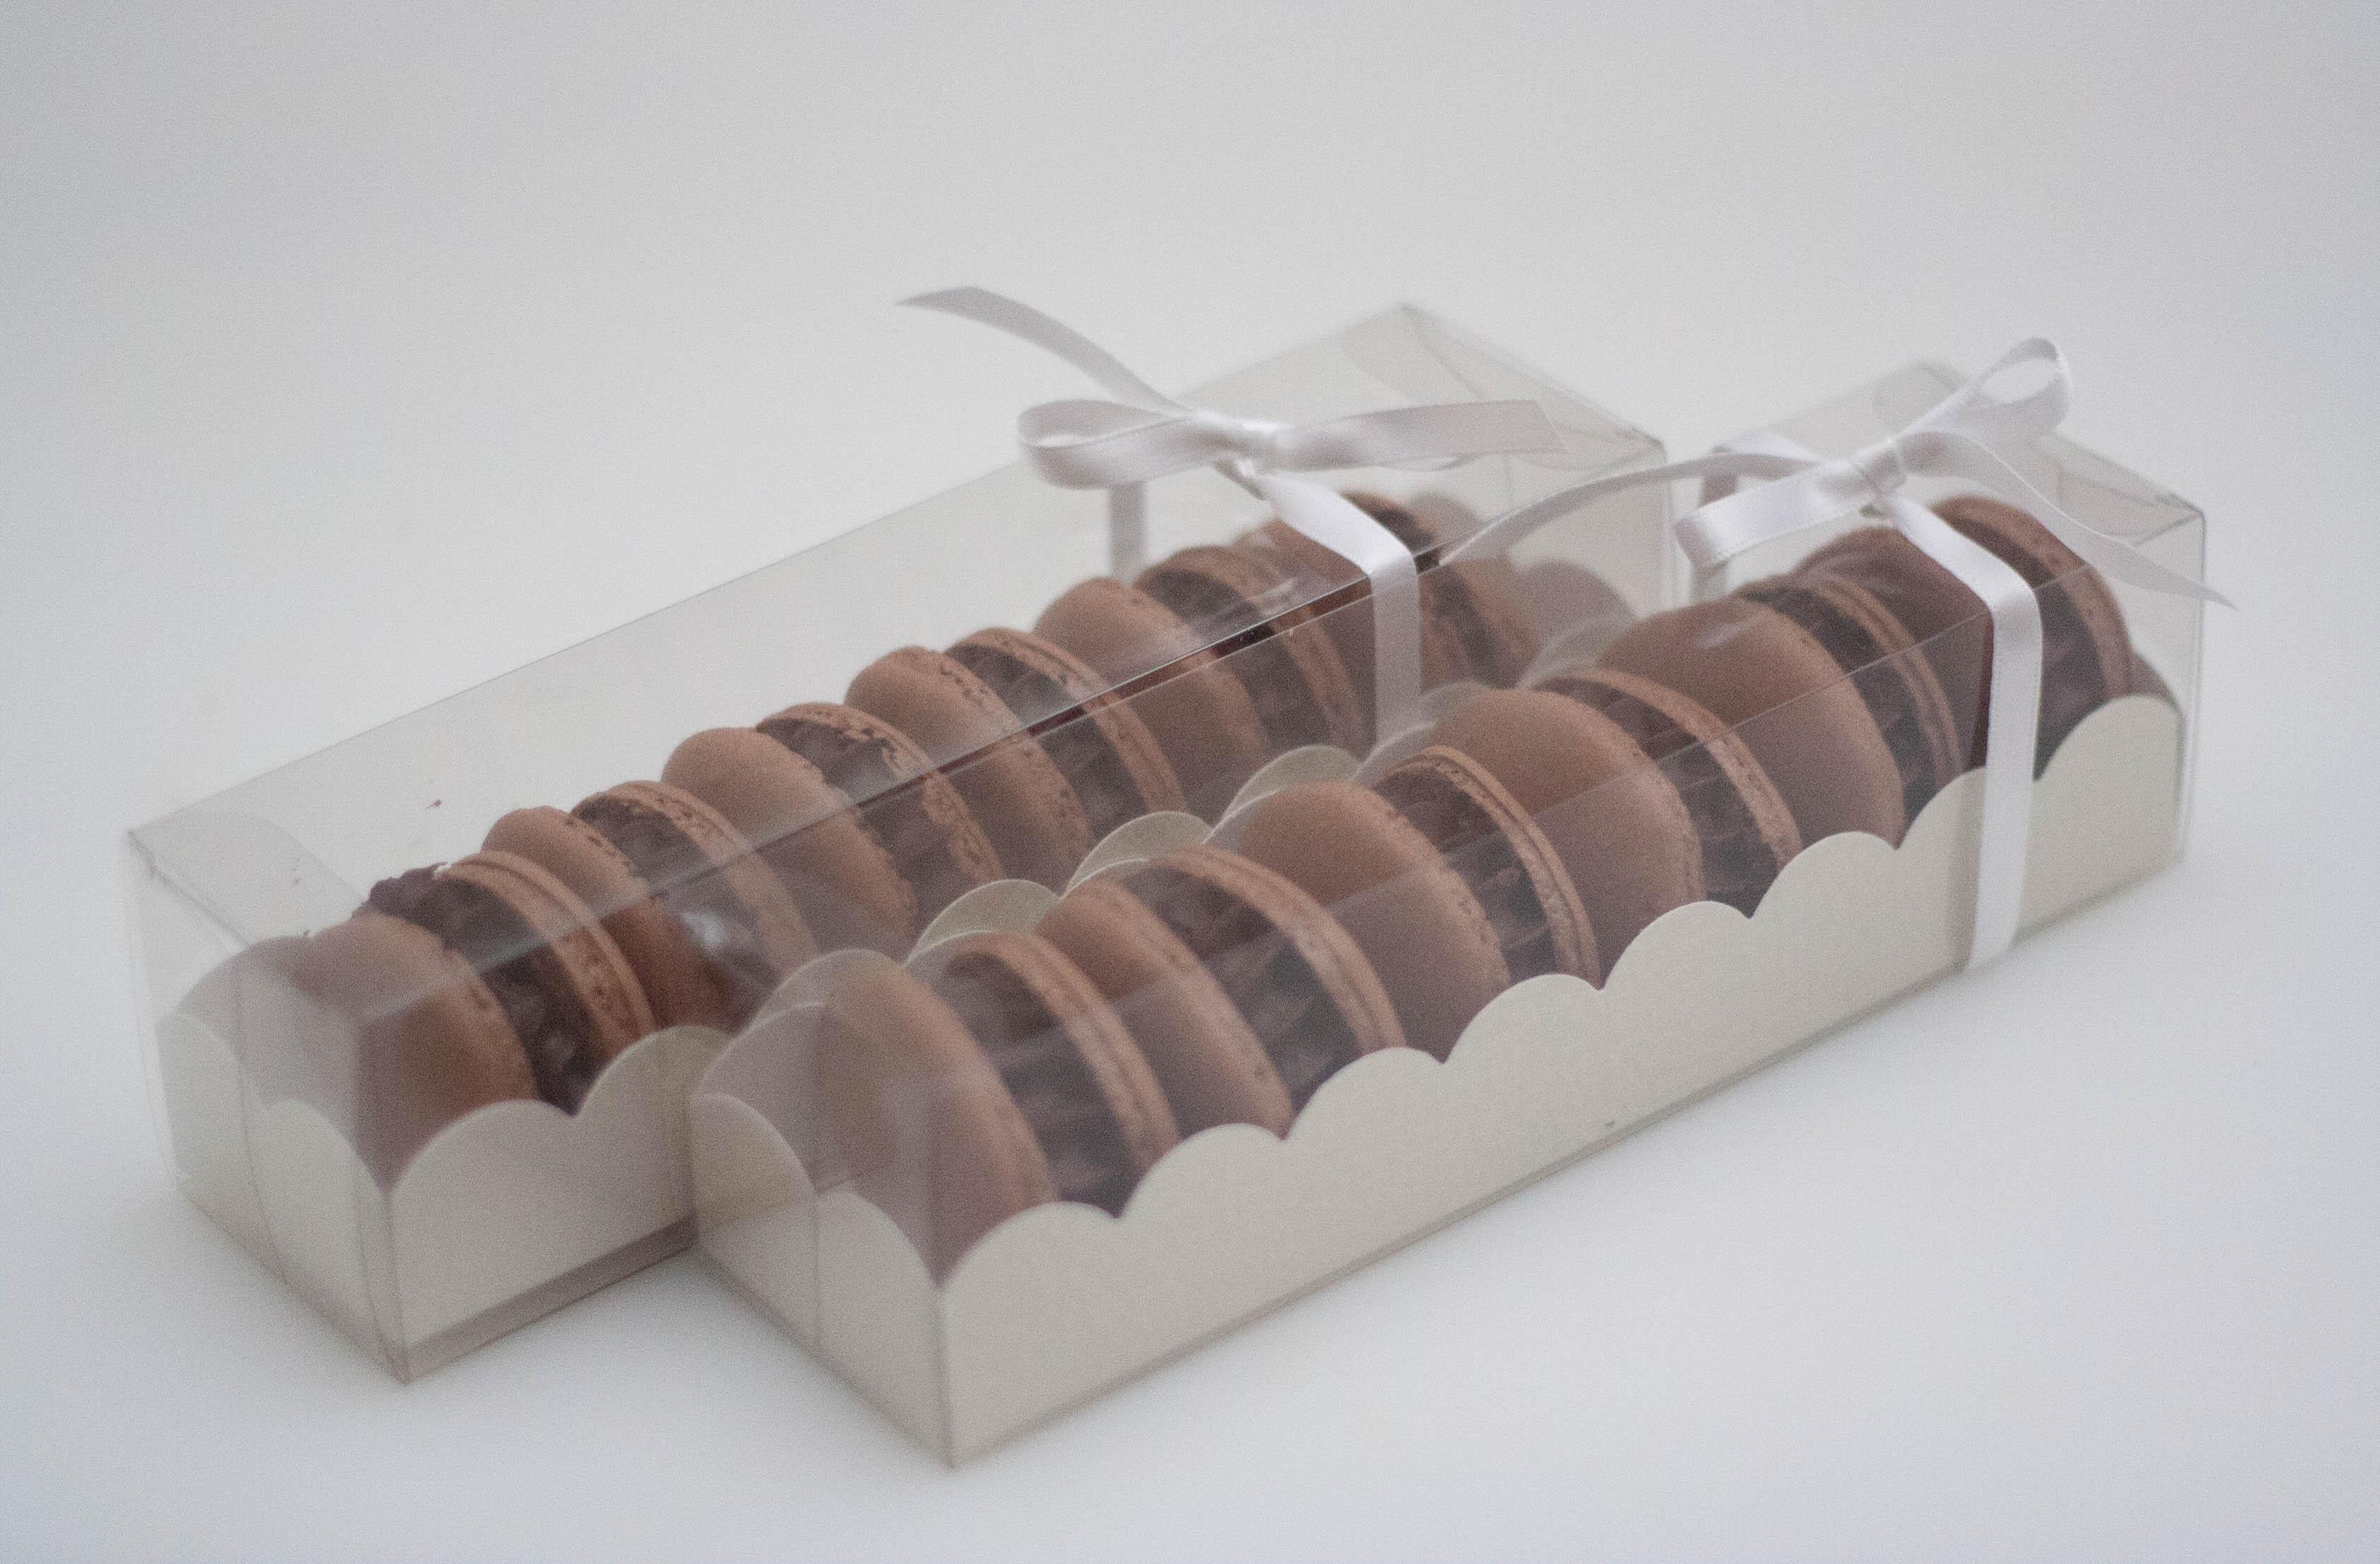 boxed macarons vegan